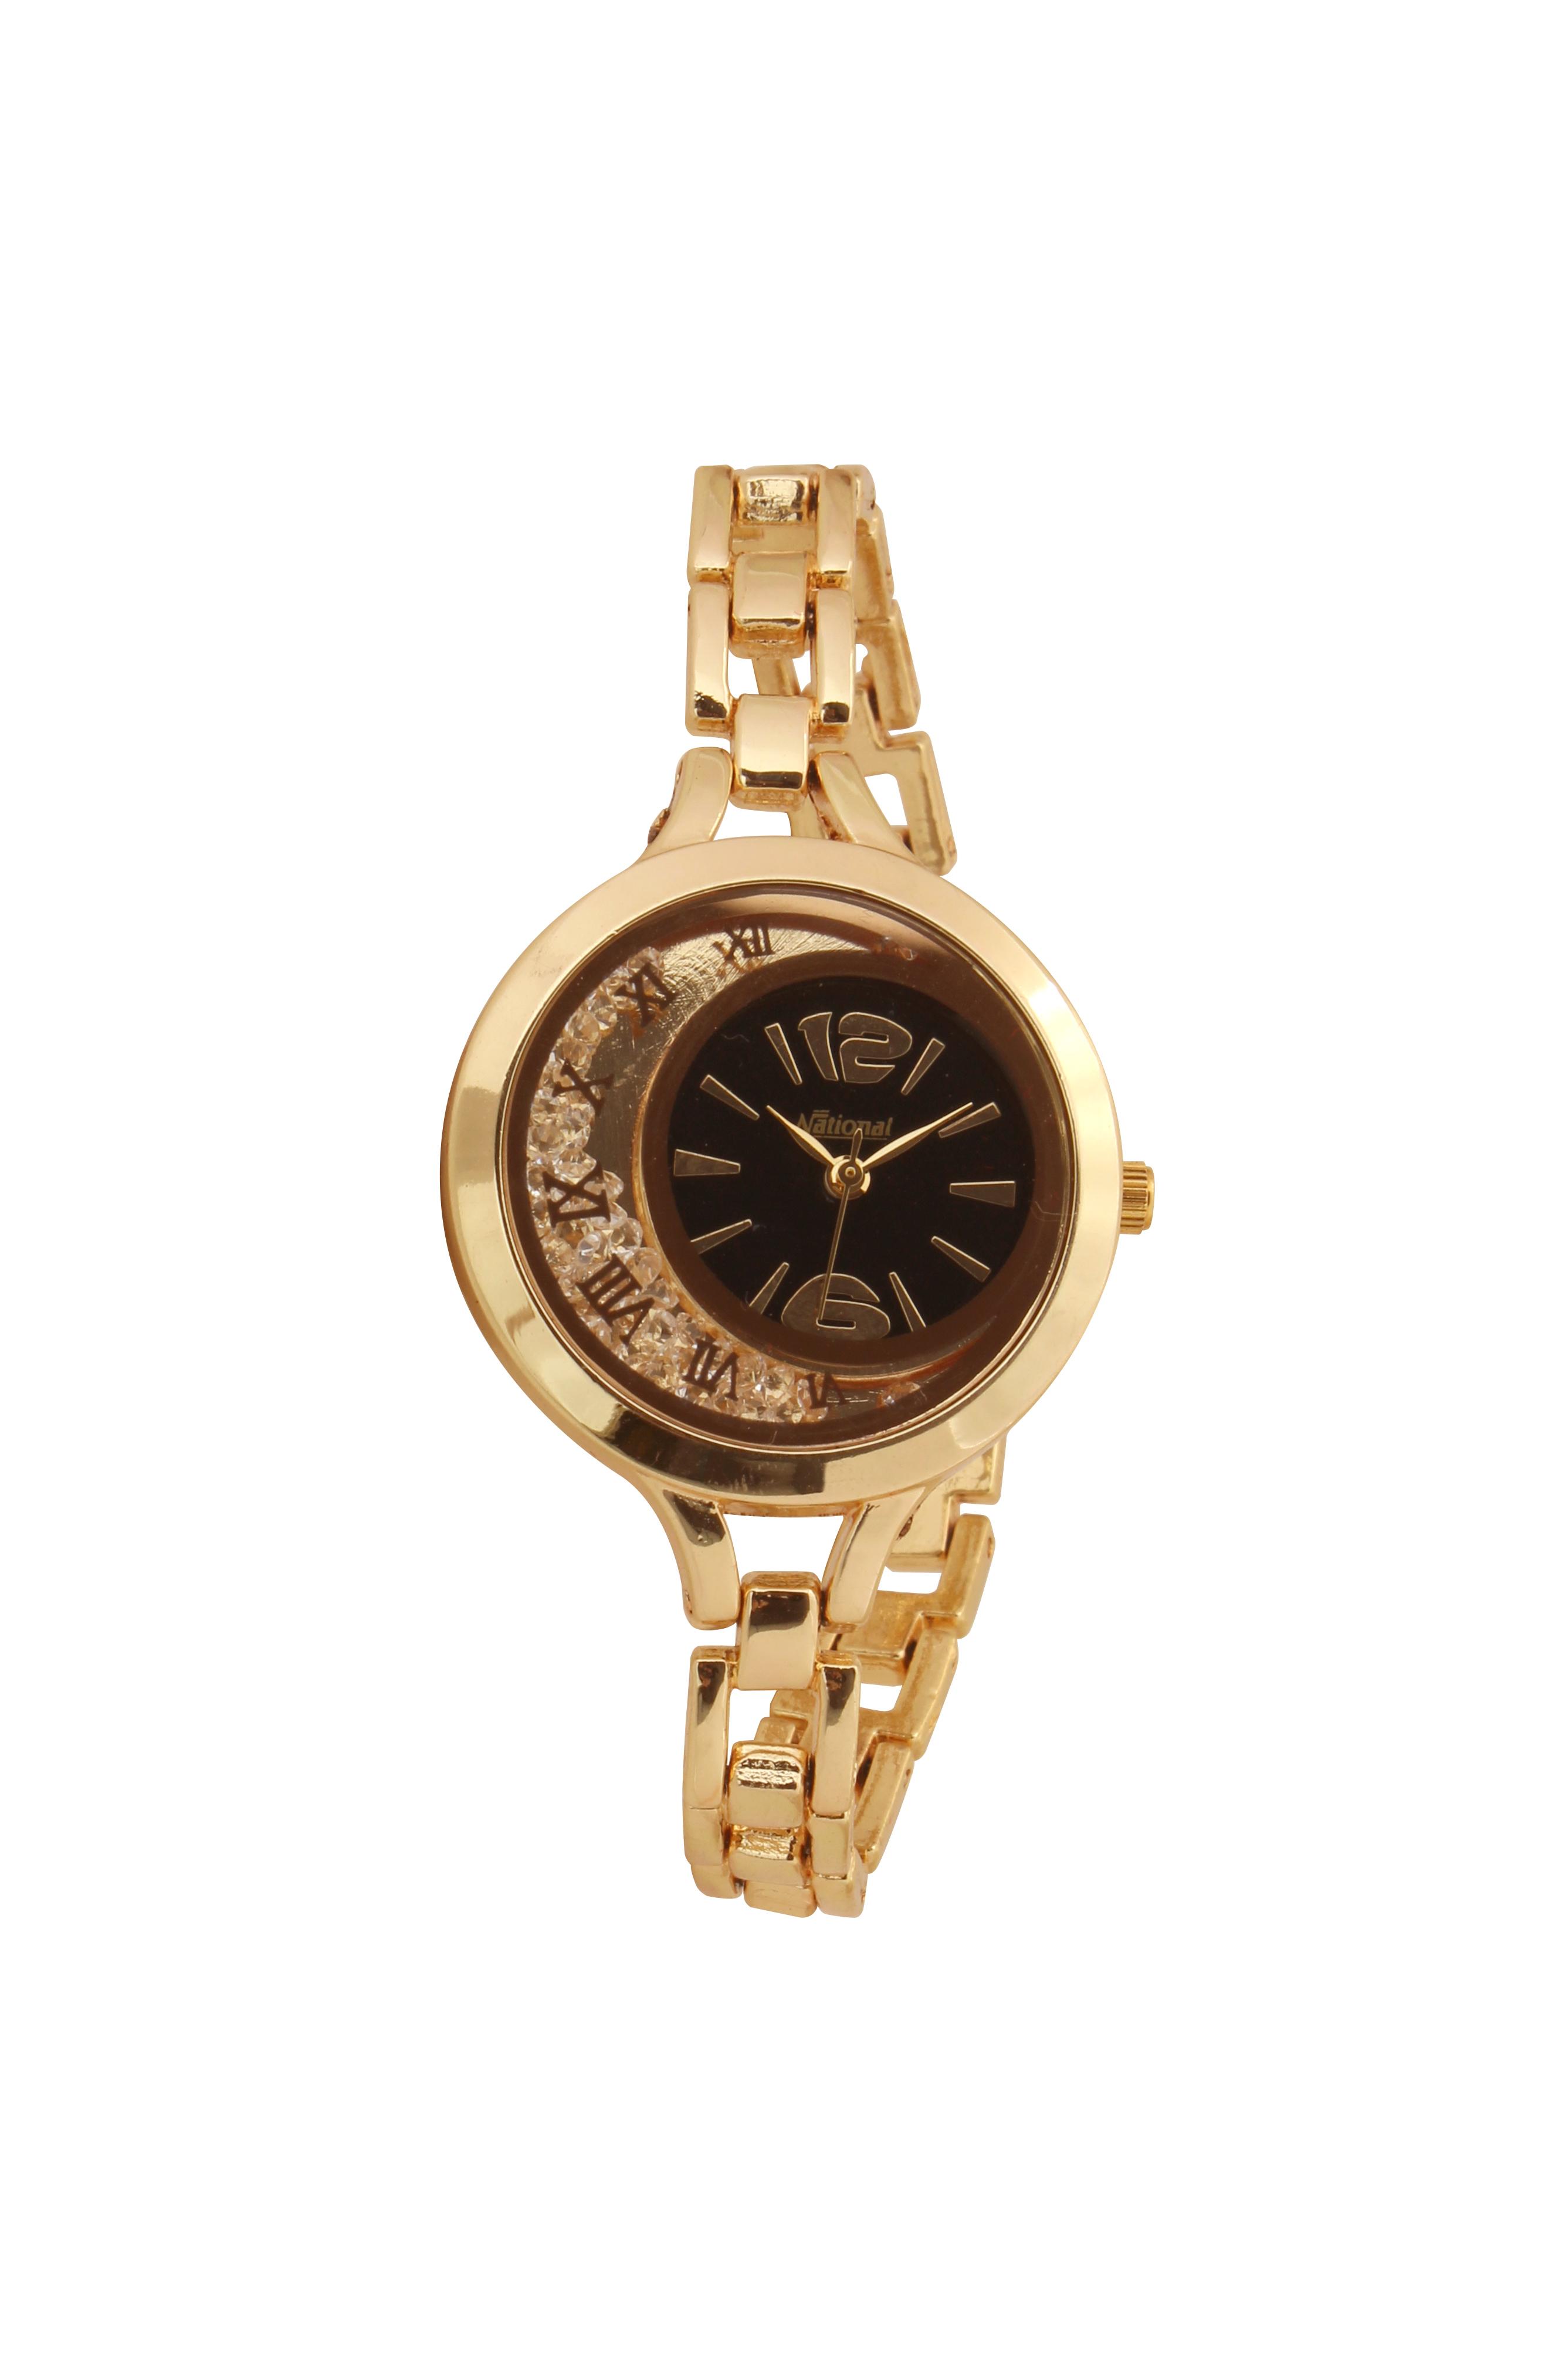 Golden ladies wrist watch